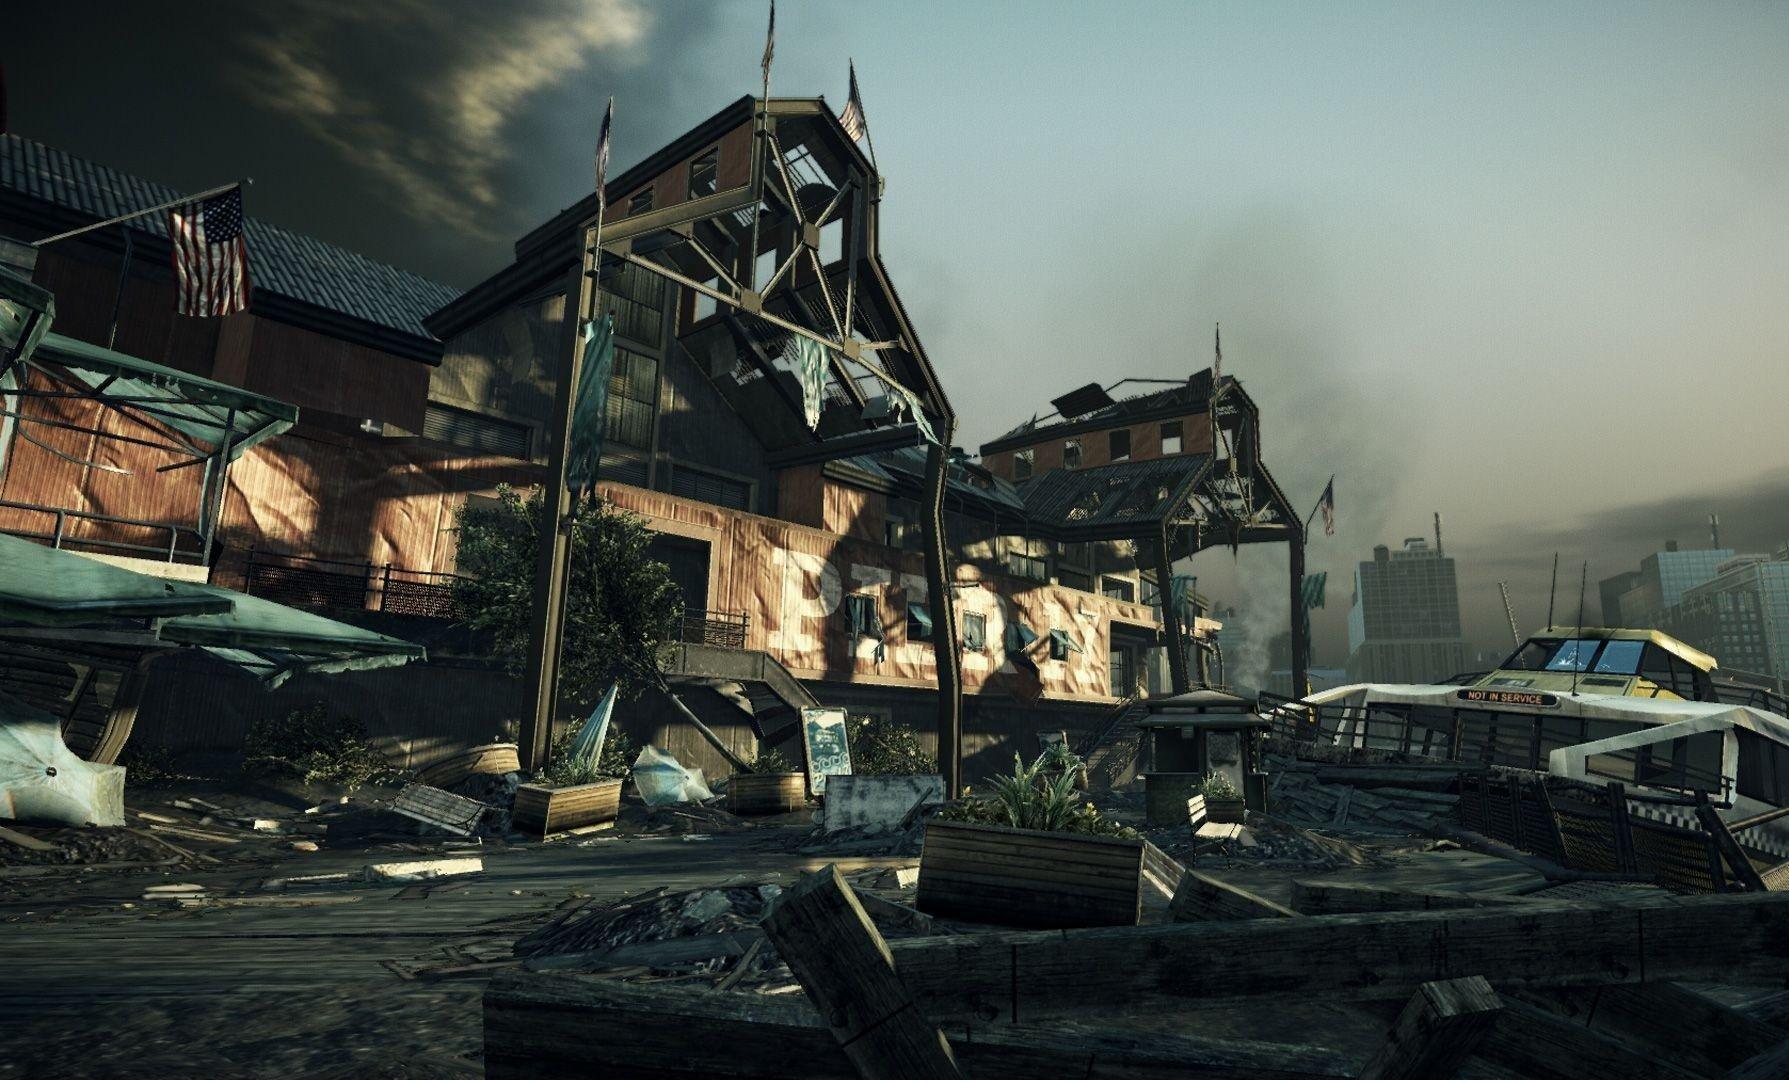 Иркутская область город тулун новости